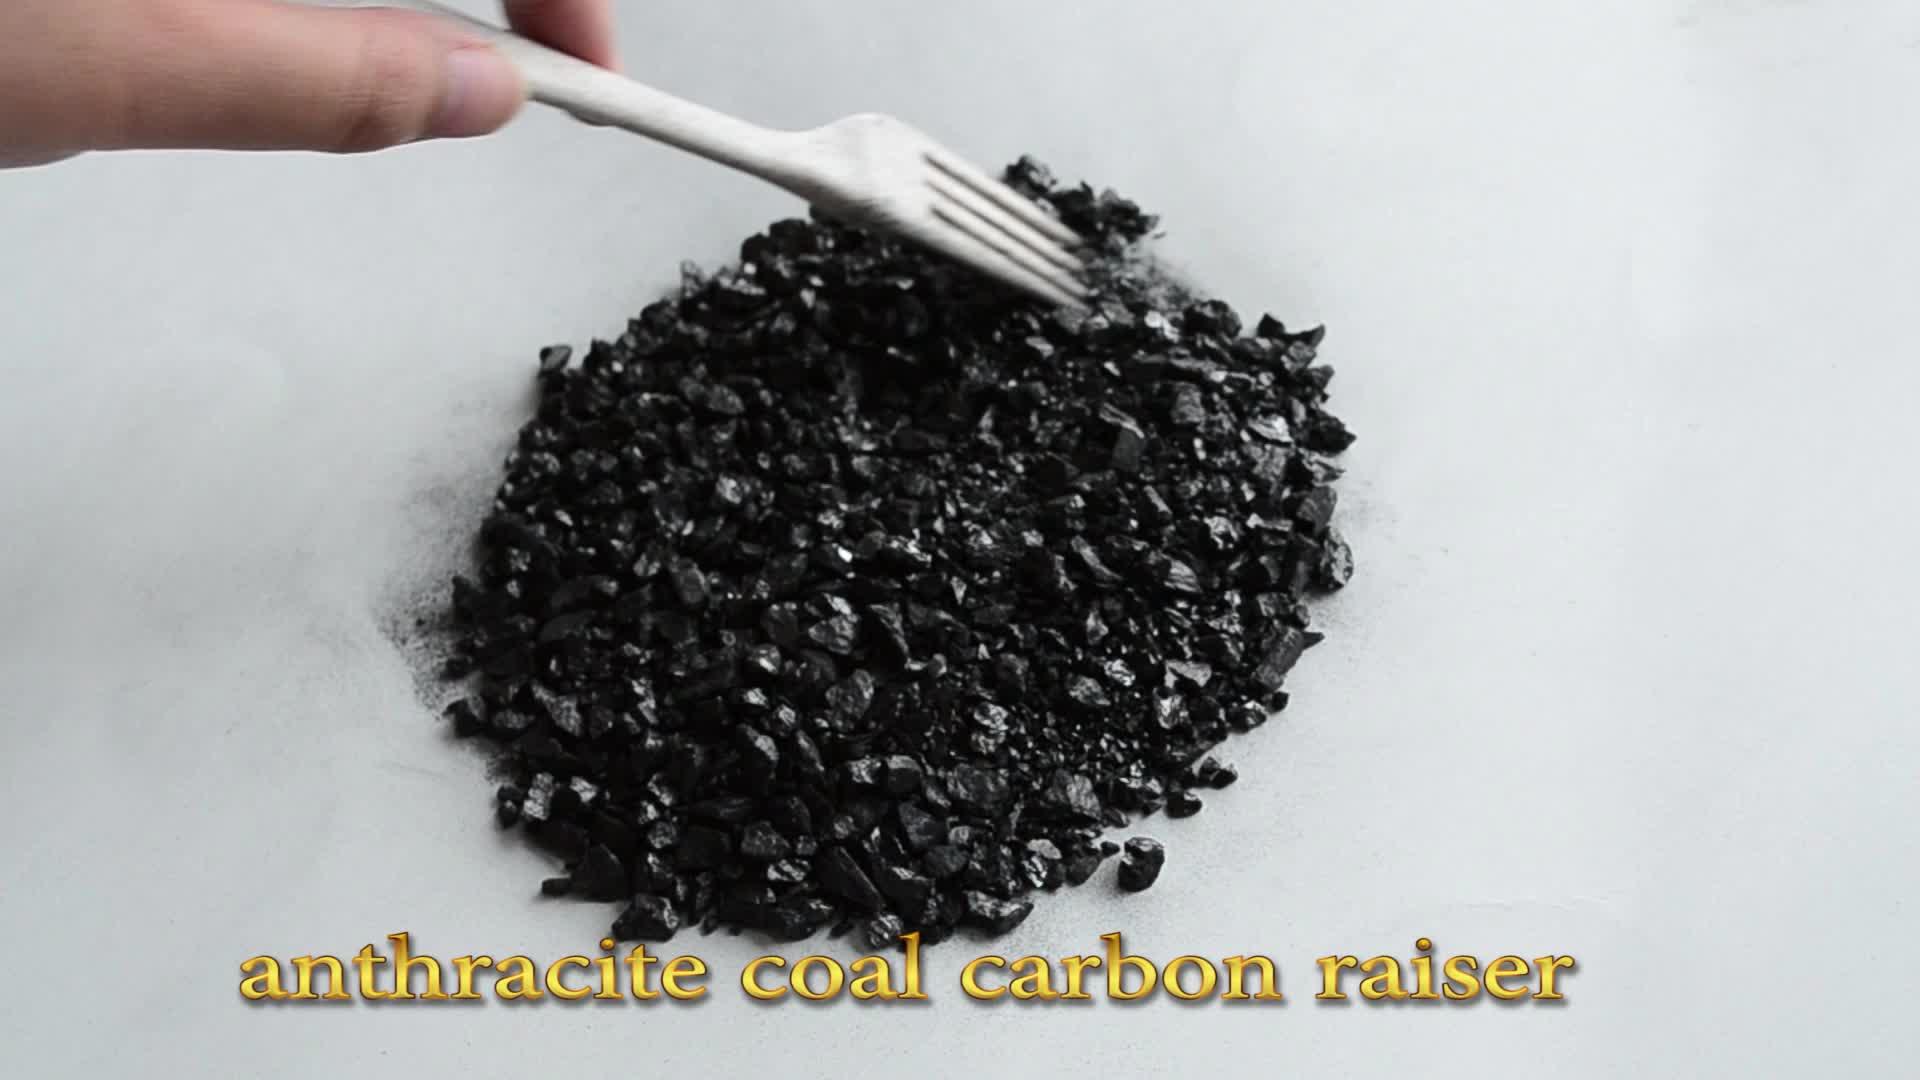 Novo produto coca-cola filtro mídia uso para purificação de Água